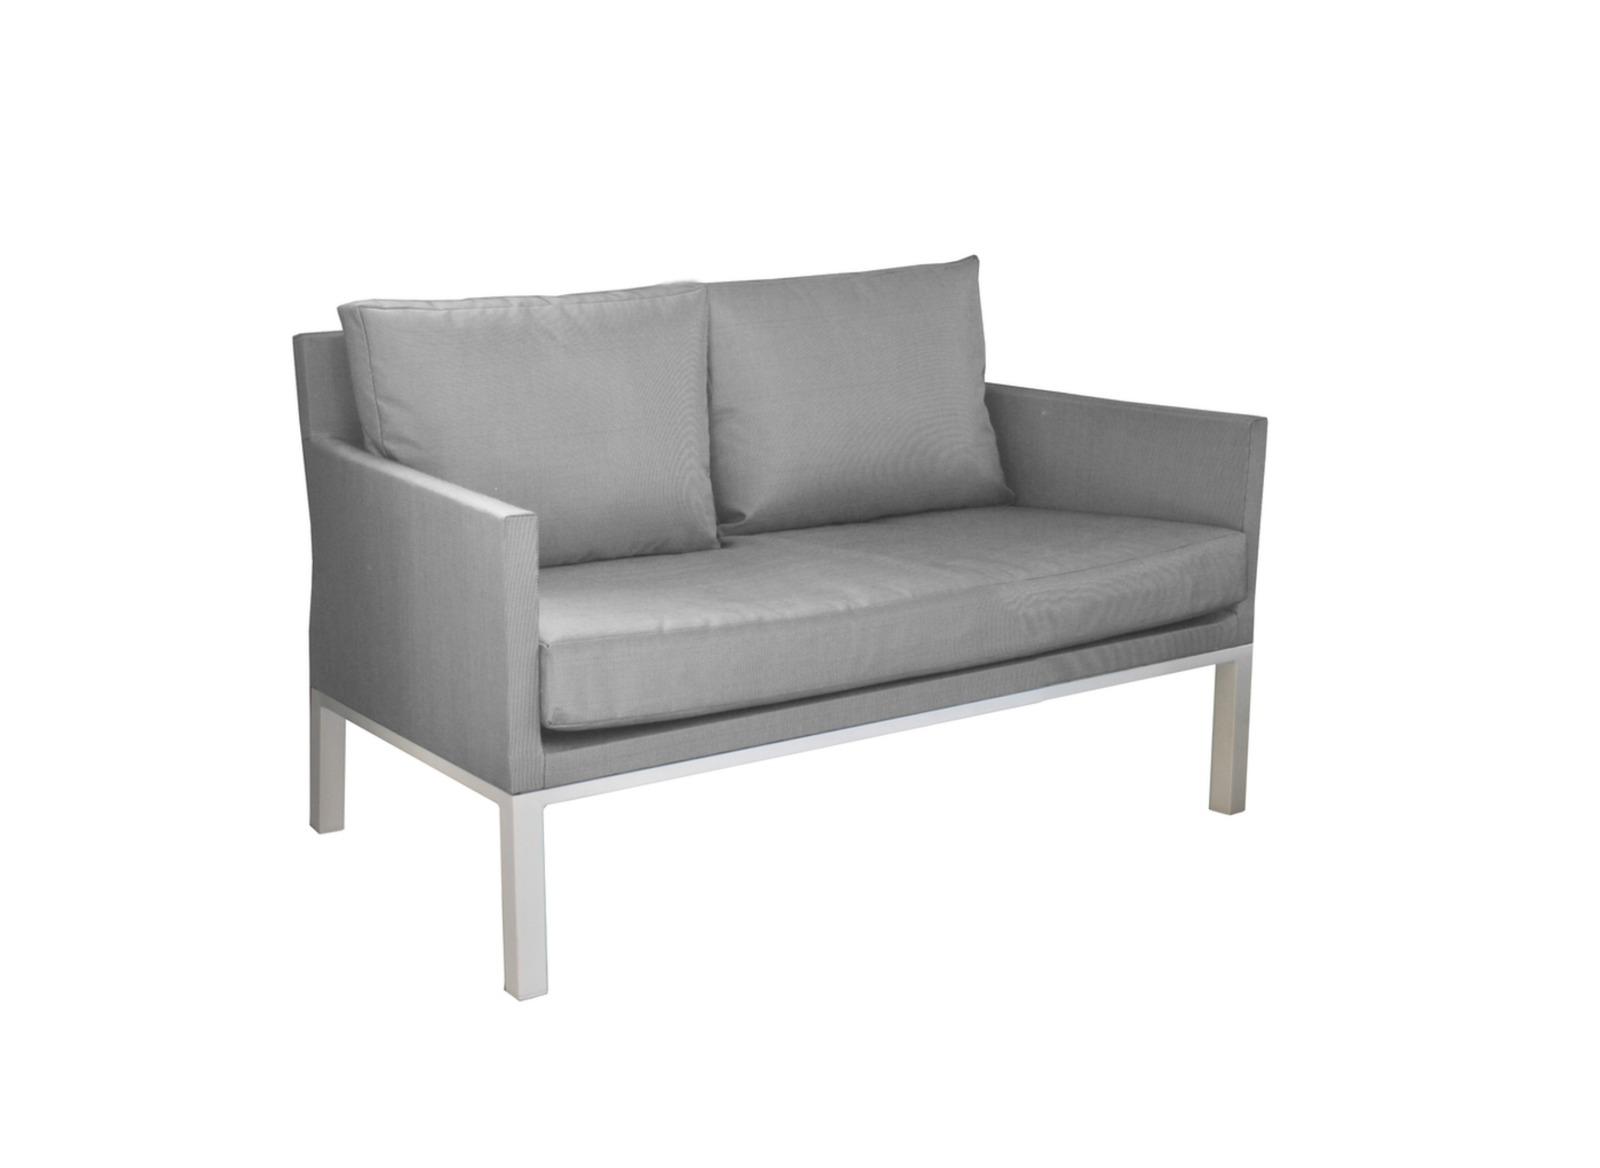 Canap oslo 2 places blanc s argent table basse for Achat mobilier de jardin en ligne